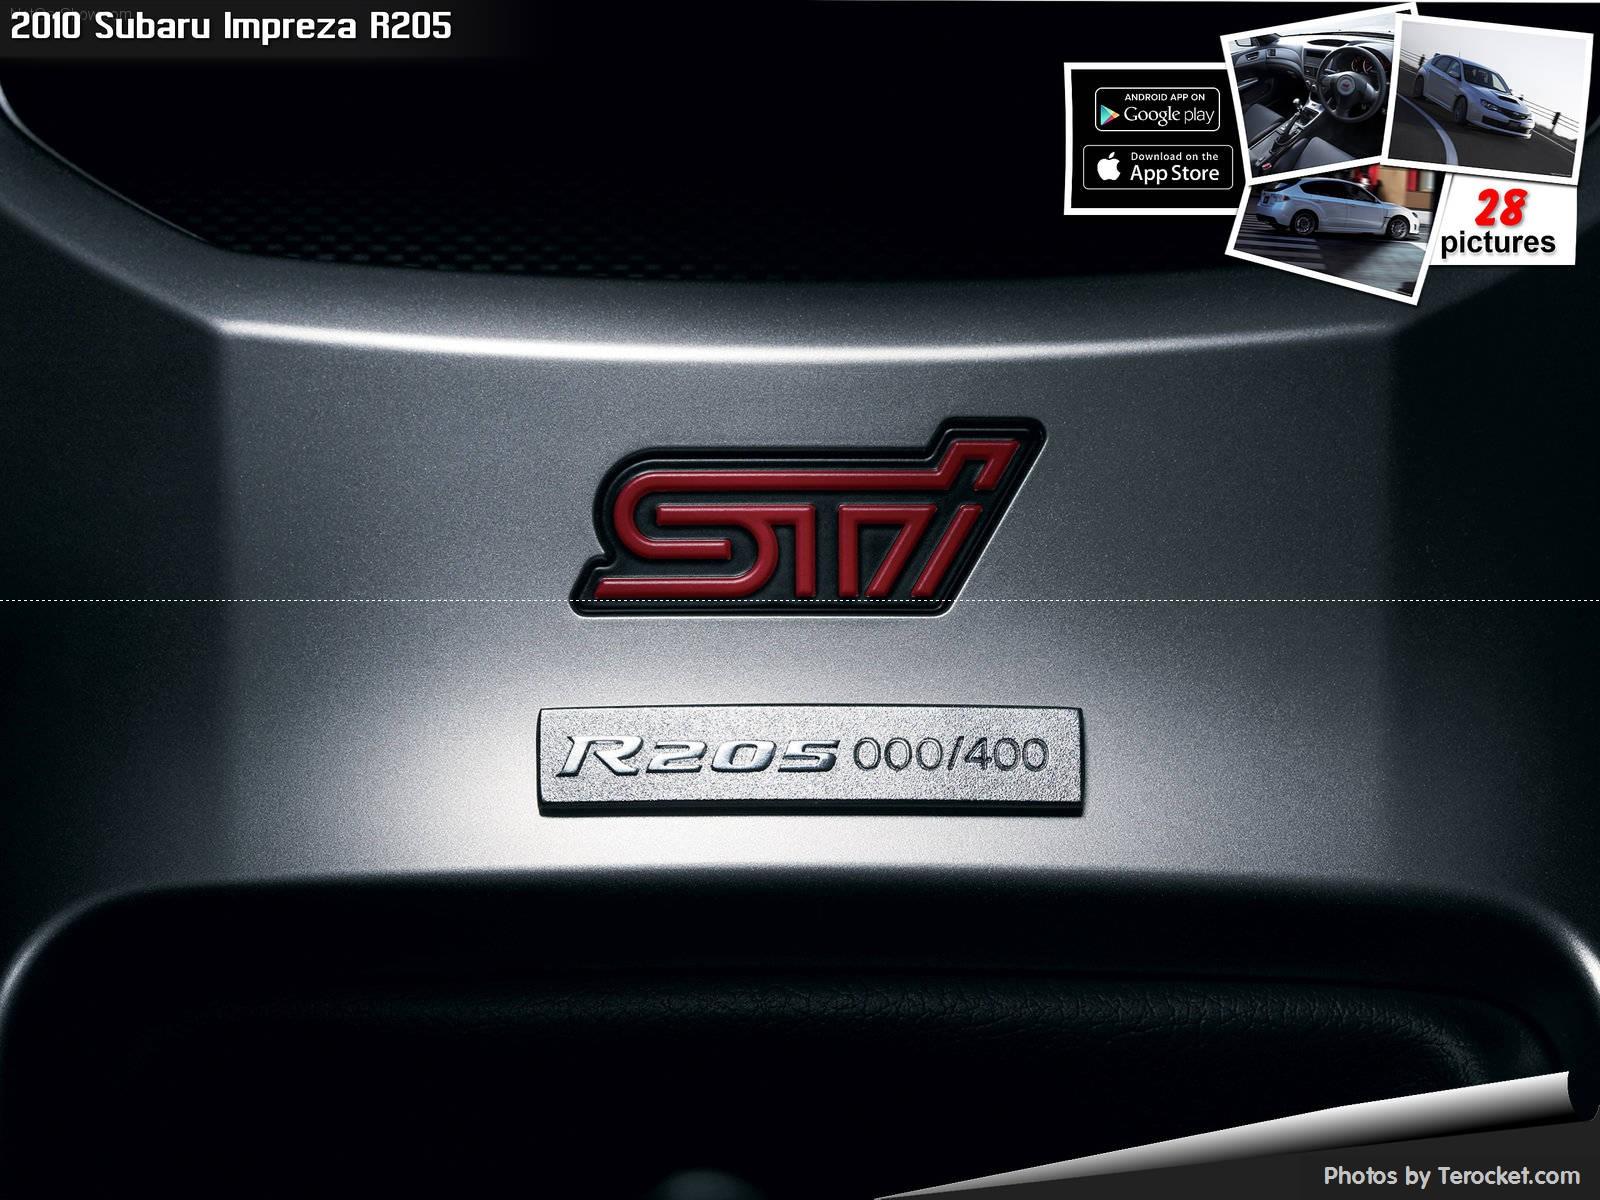 Hình ảnh xe ô tô Subaru Impreza R205 2010 & nội ngoại thất